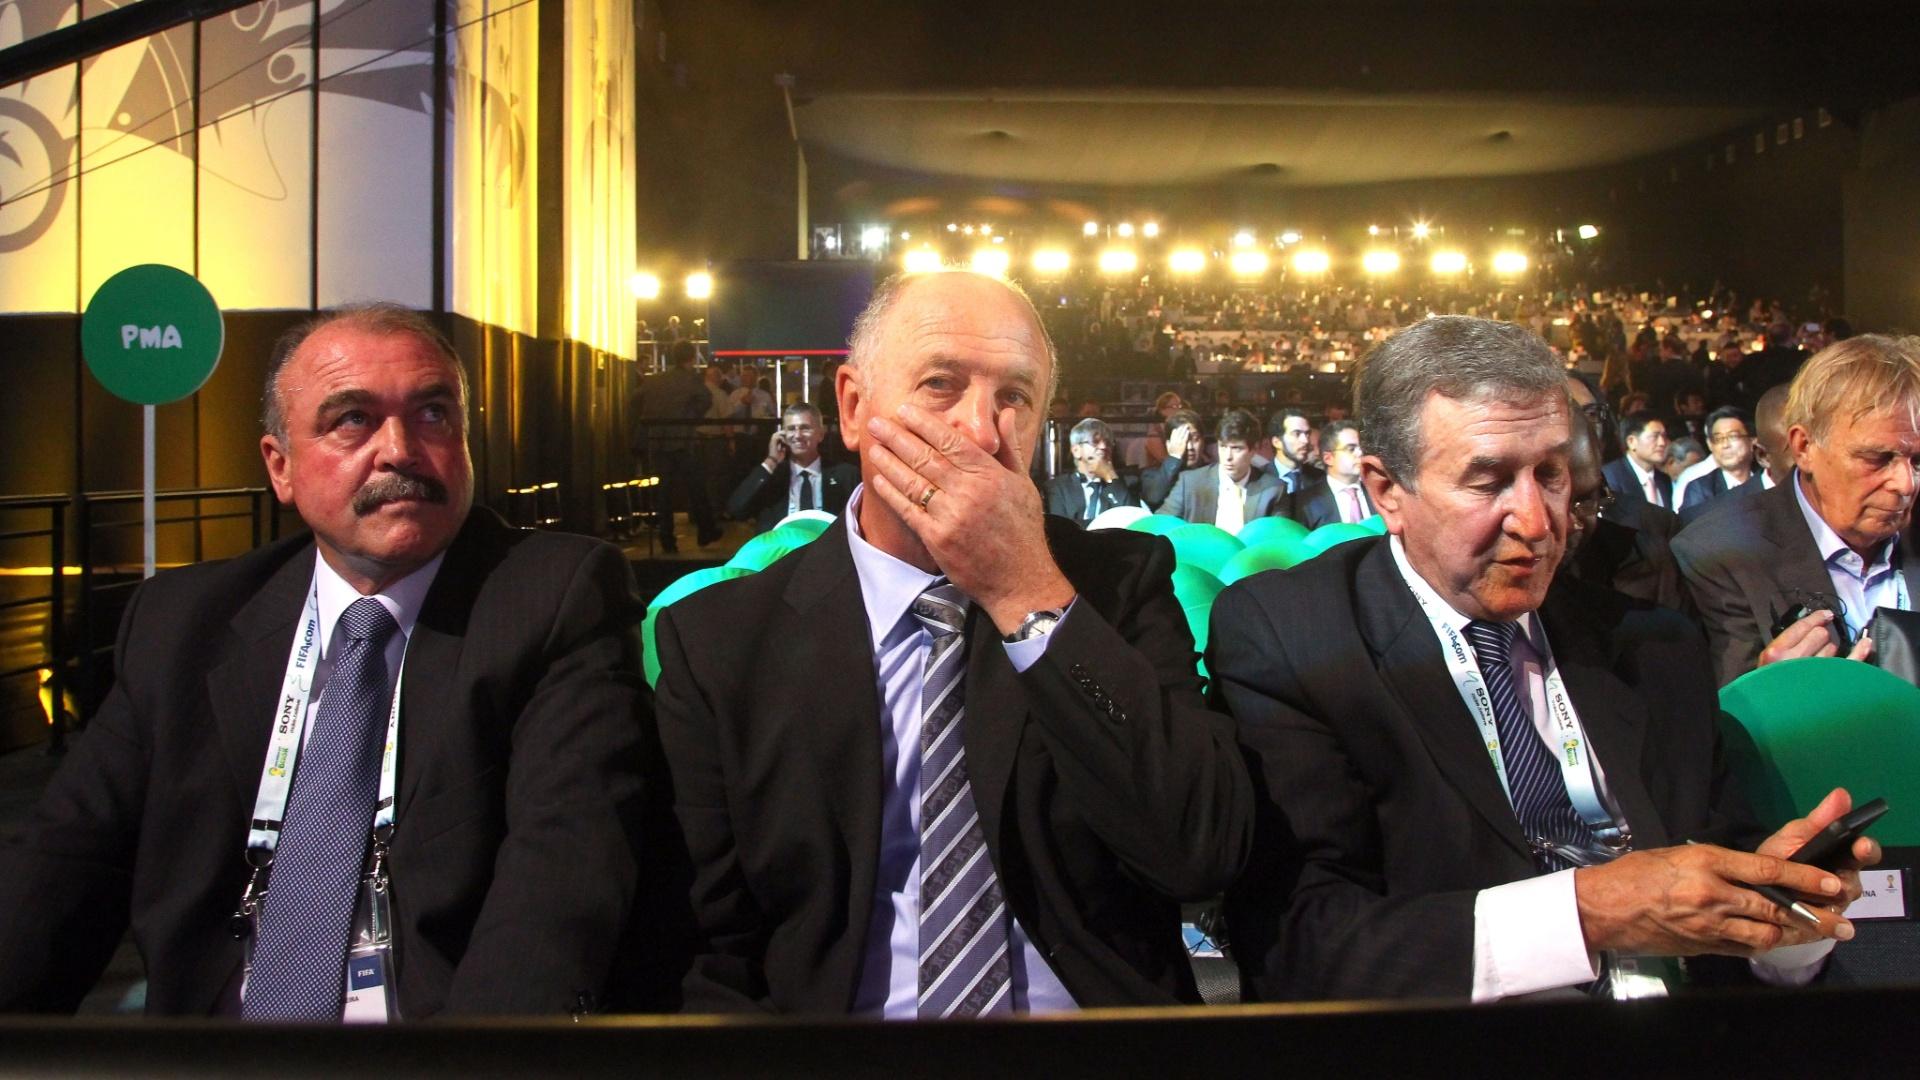 06.12.2013 - Felipão, Parreira e Murtosa aguardam o início do sorteio dos grupos da Copa do Mundo